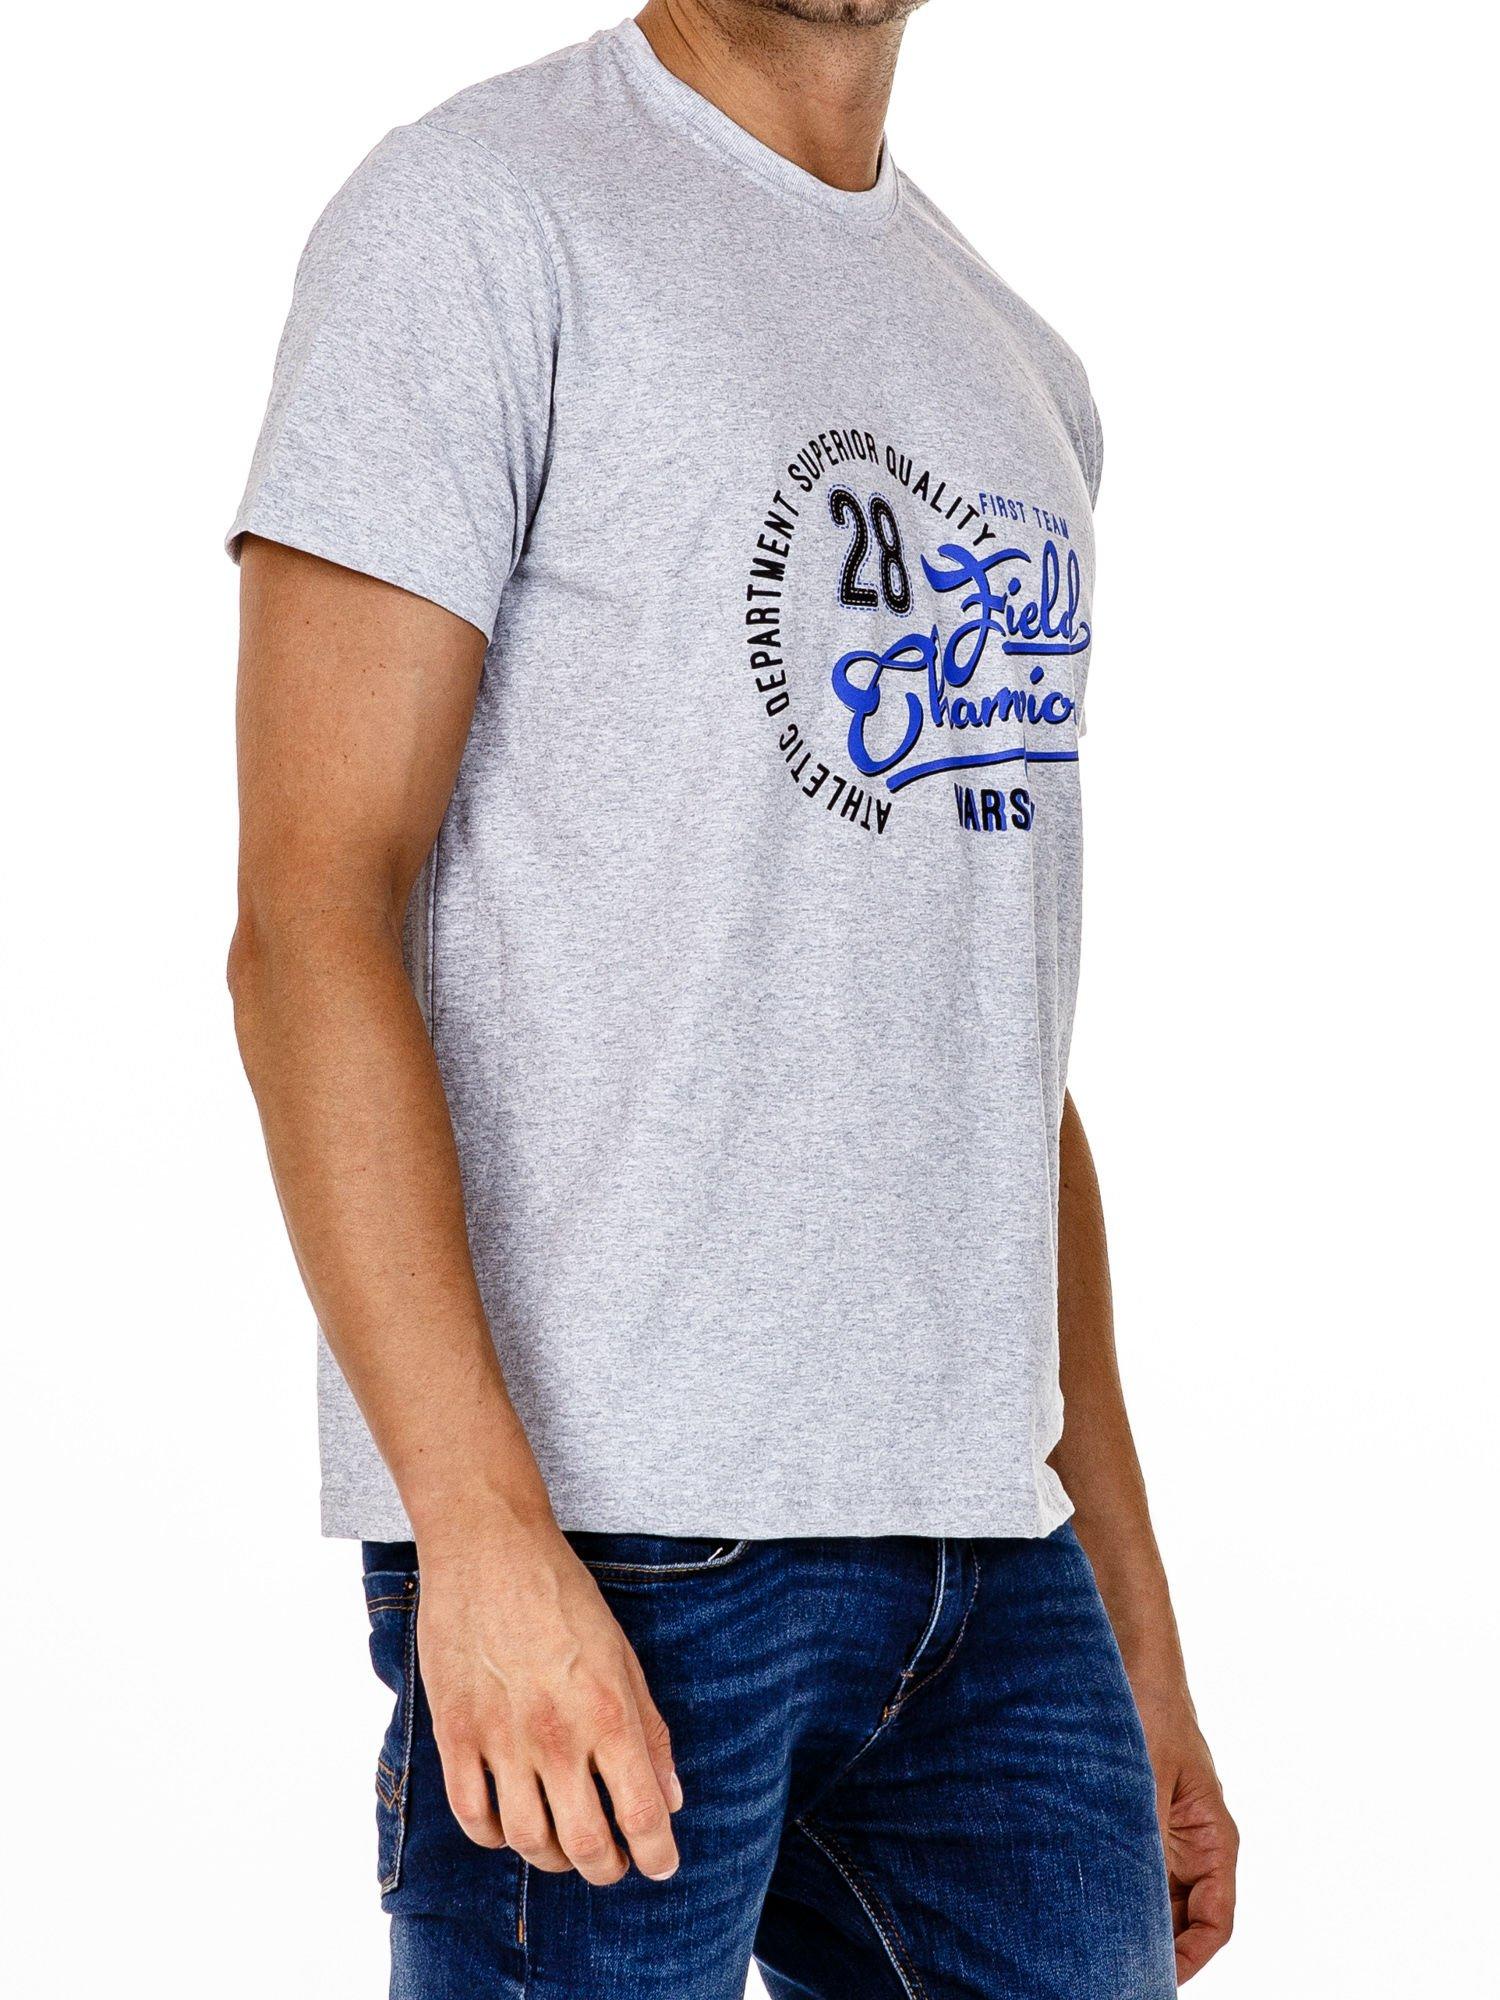 Szary t-shirt męski z napisem CHAMPION i liczbą 28                                  zdj.                                  3